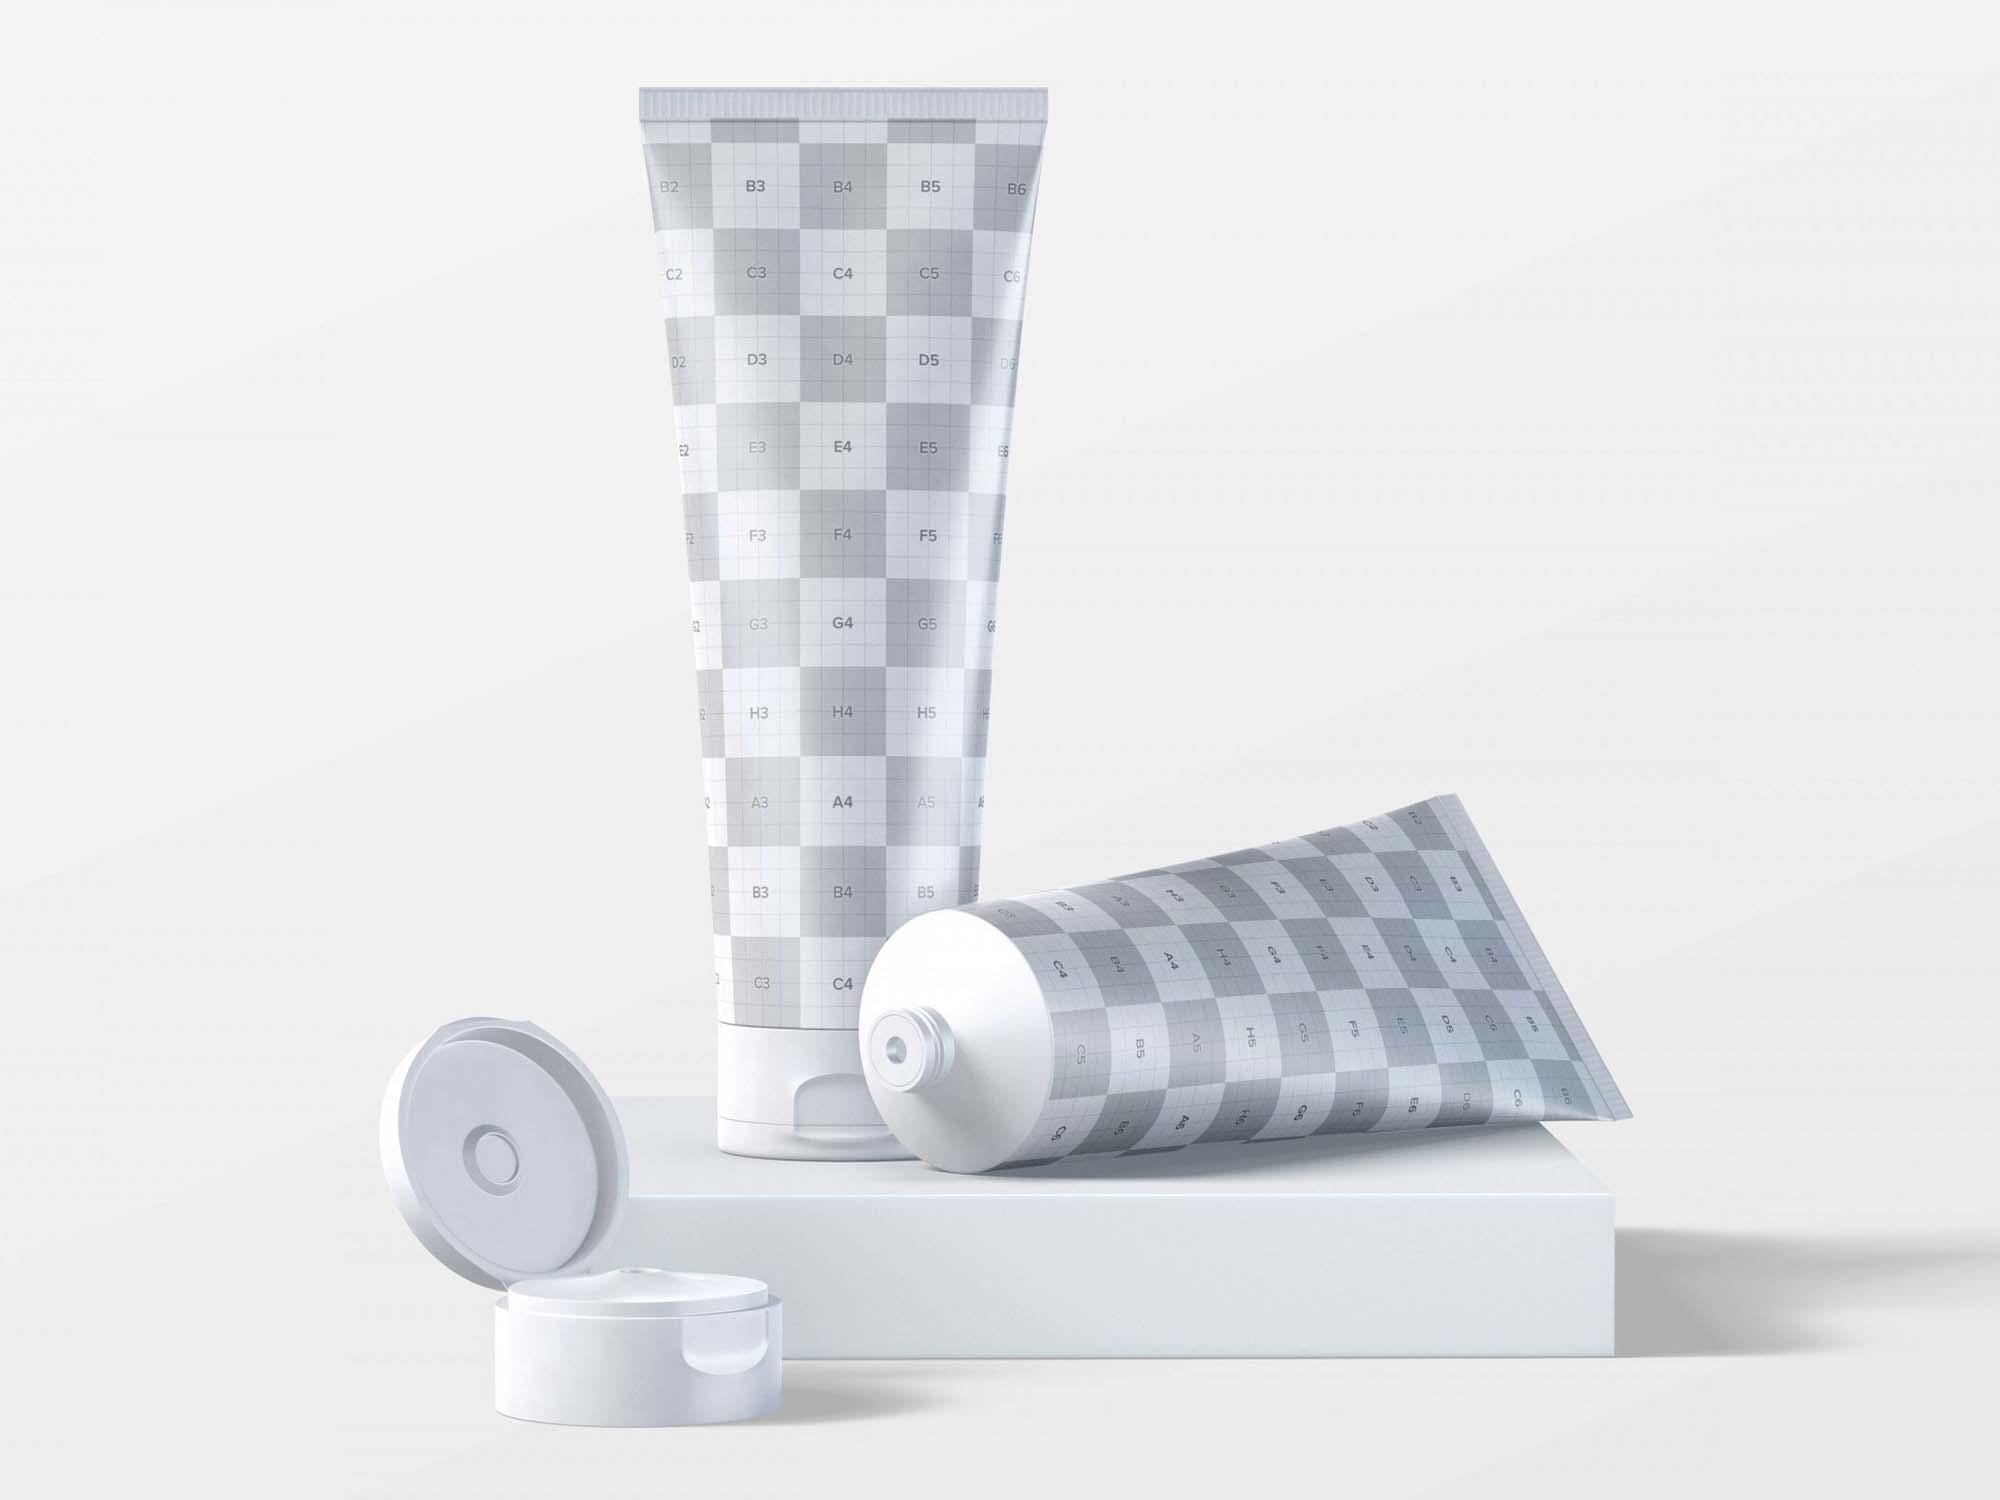 250ml Cosmetic Tubes Mockup 2